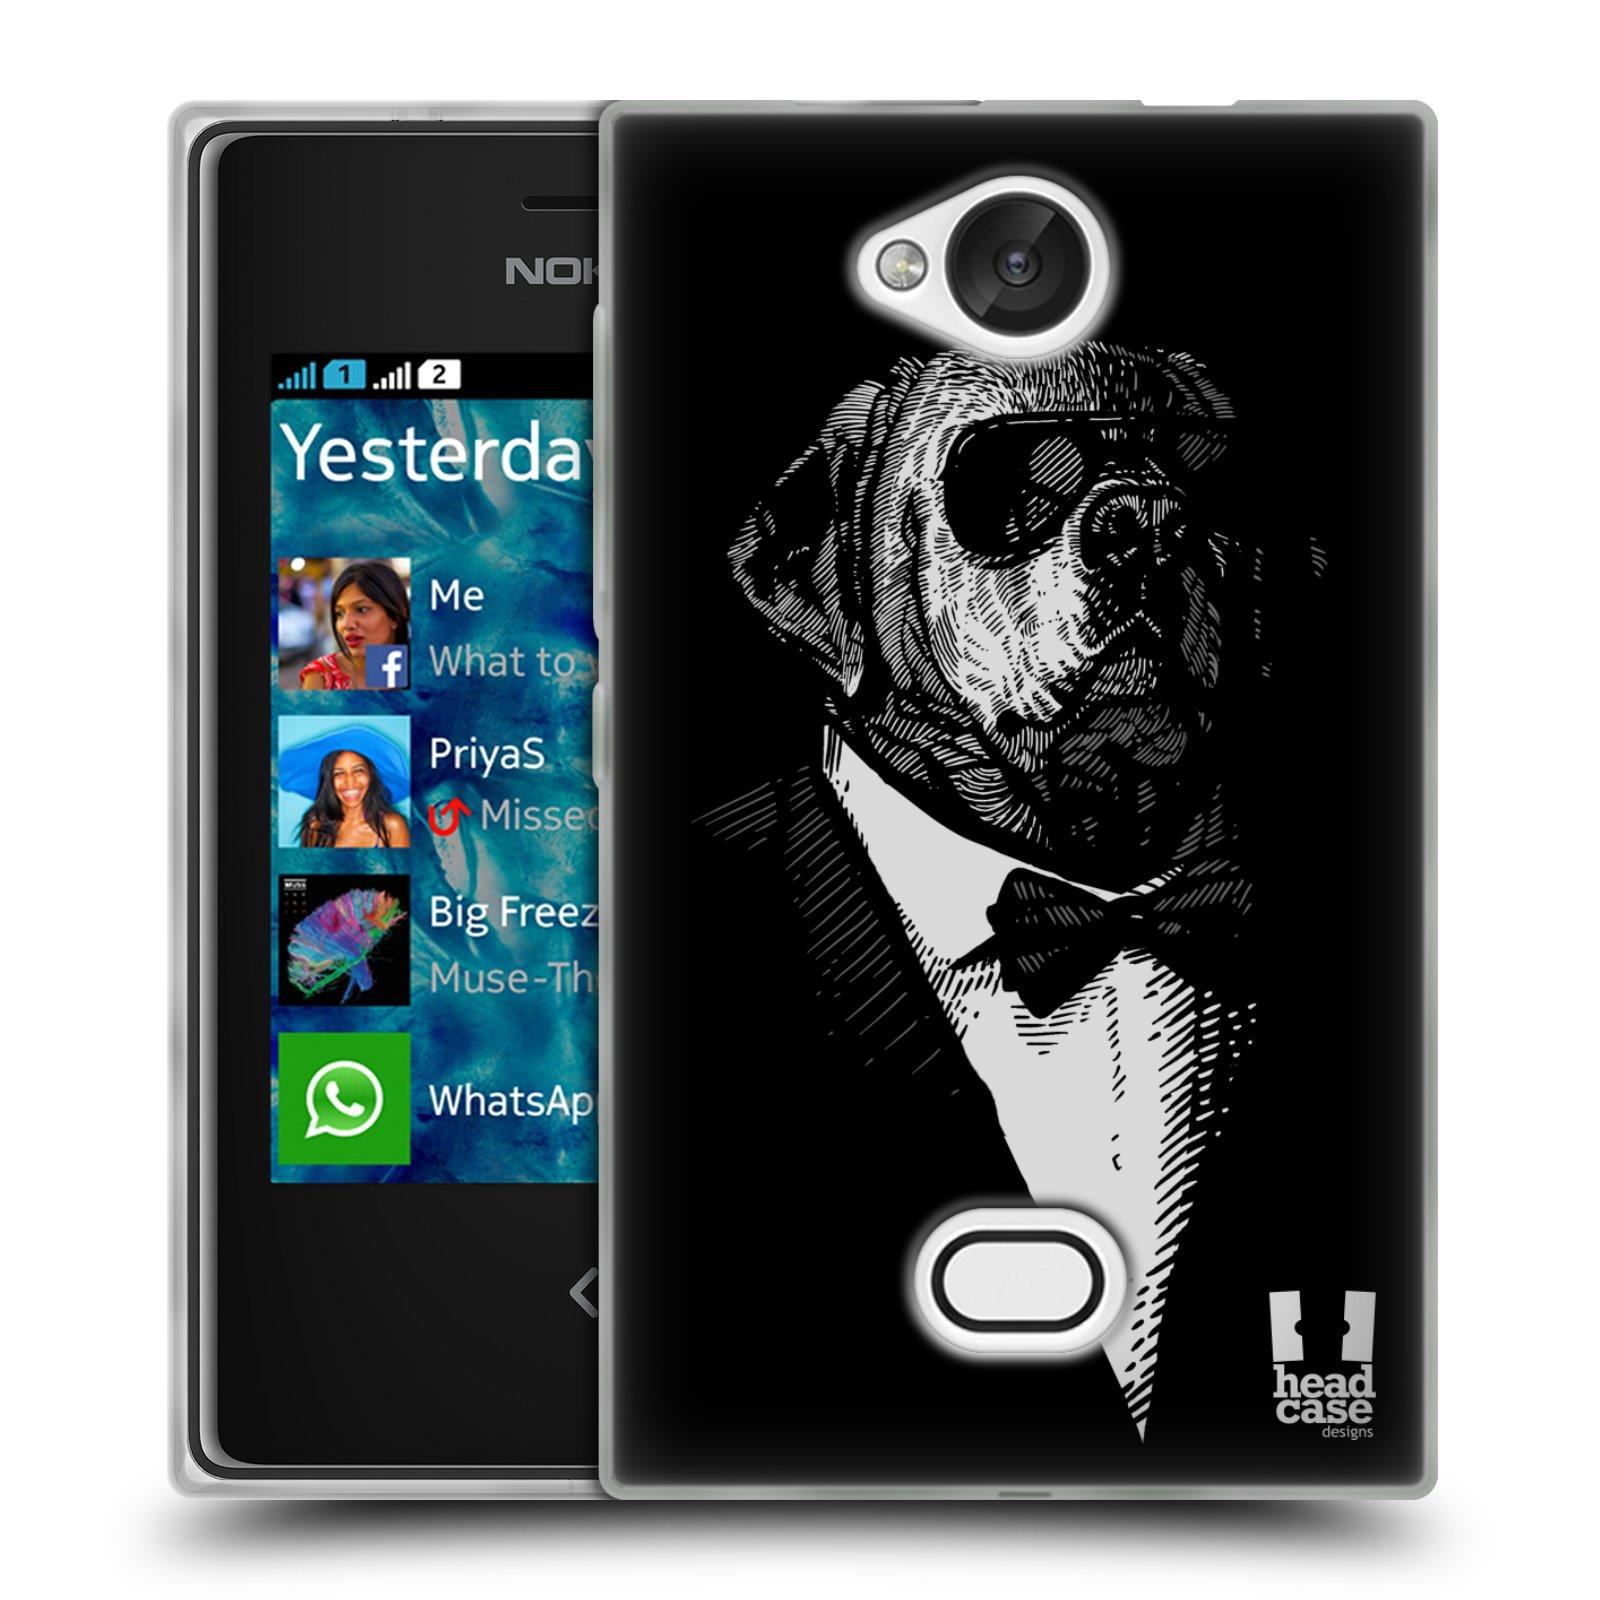 HEAD CASE silikonový obal na mobil NOKIA Asha 503 vzor Zvíře v obleku pes